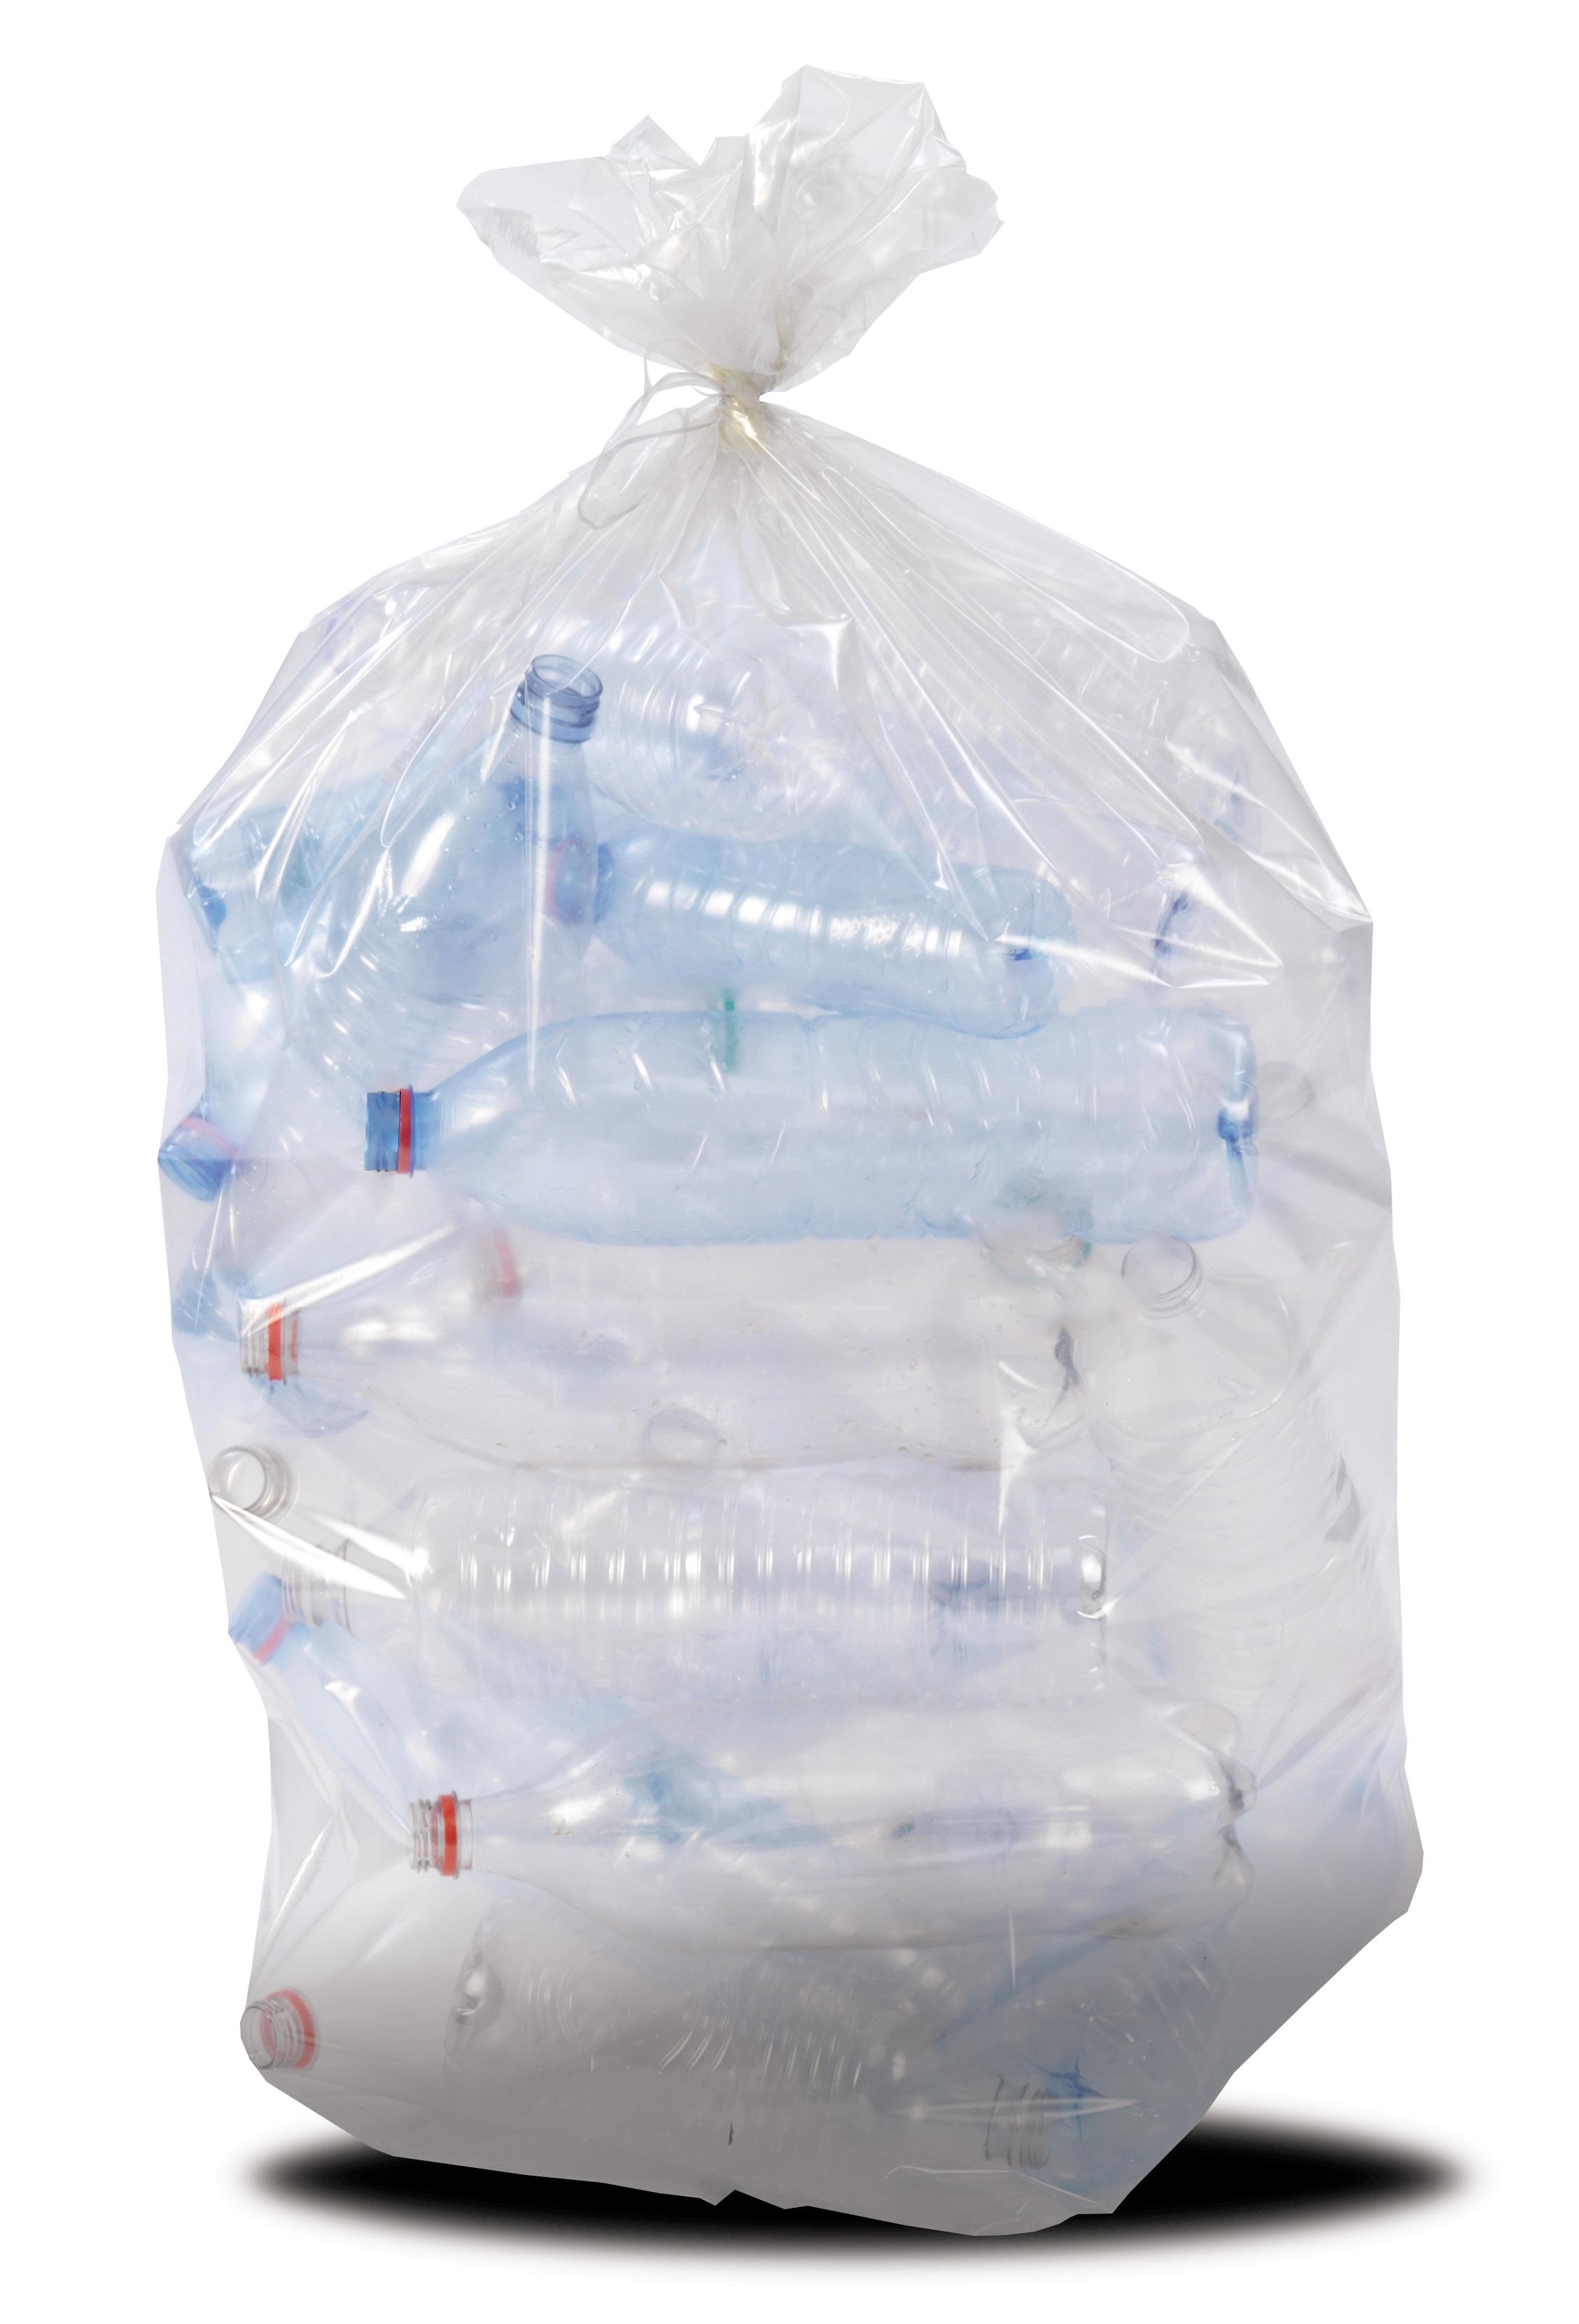 les 200 sac poubelle 110L transparent